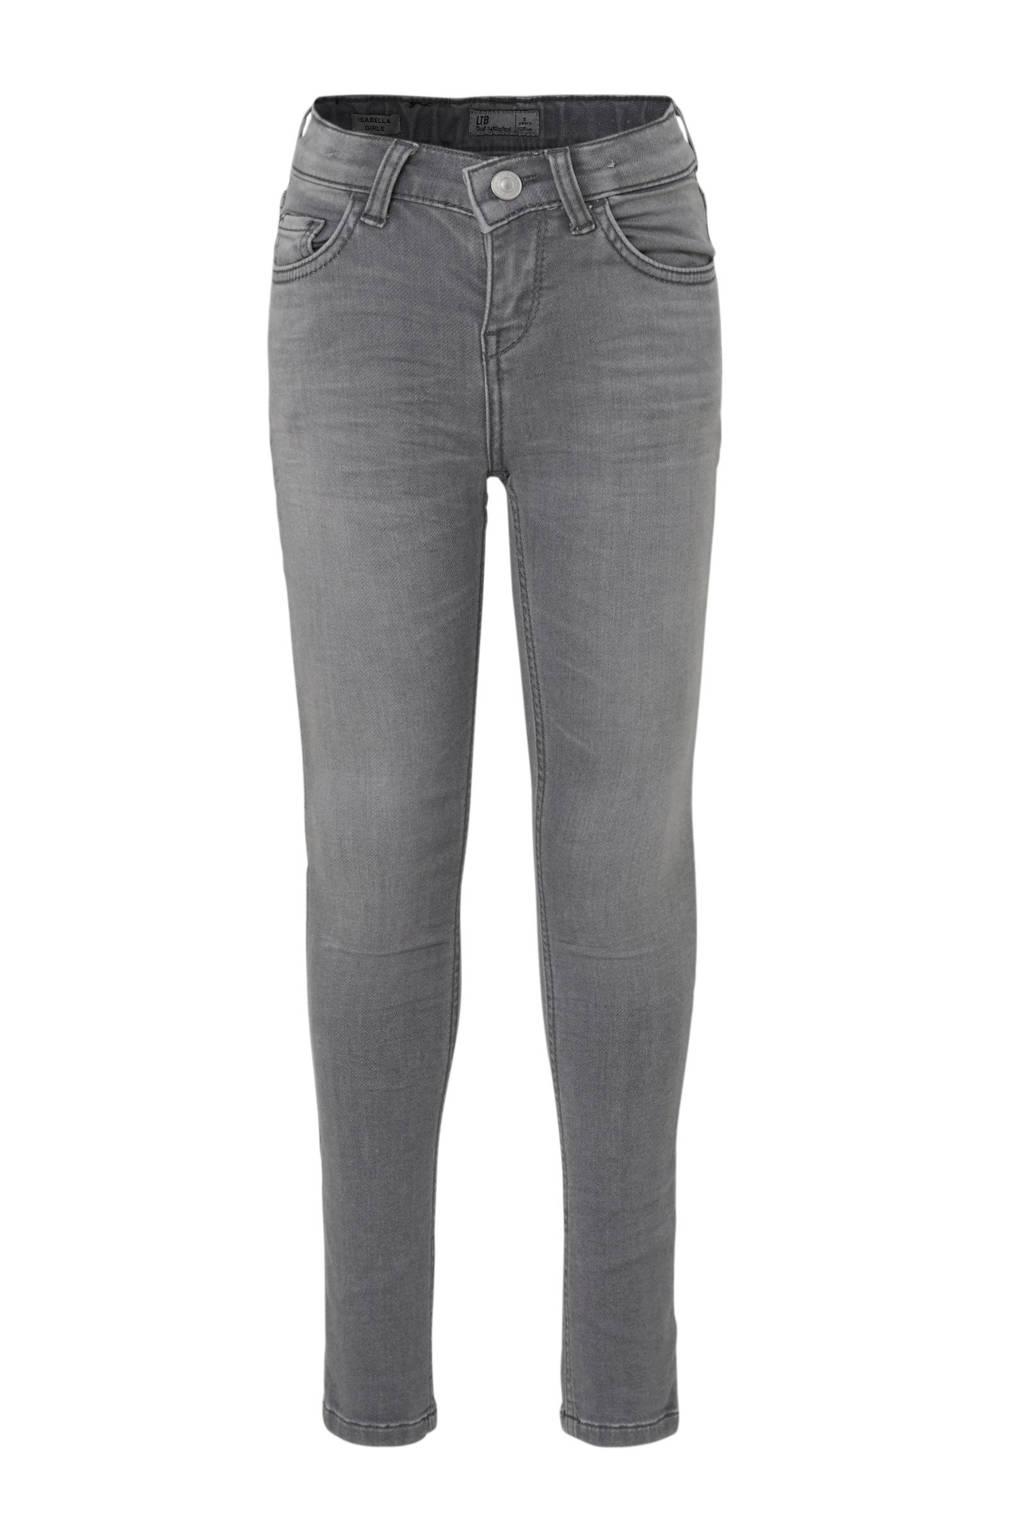 LTB skinny fit jeans Isabella grijs, Grijs (Moonfire wash)